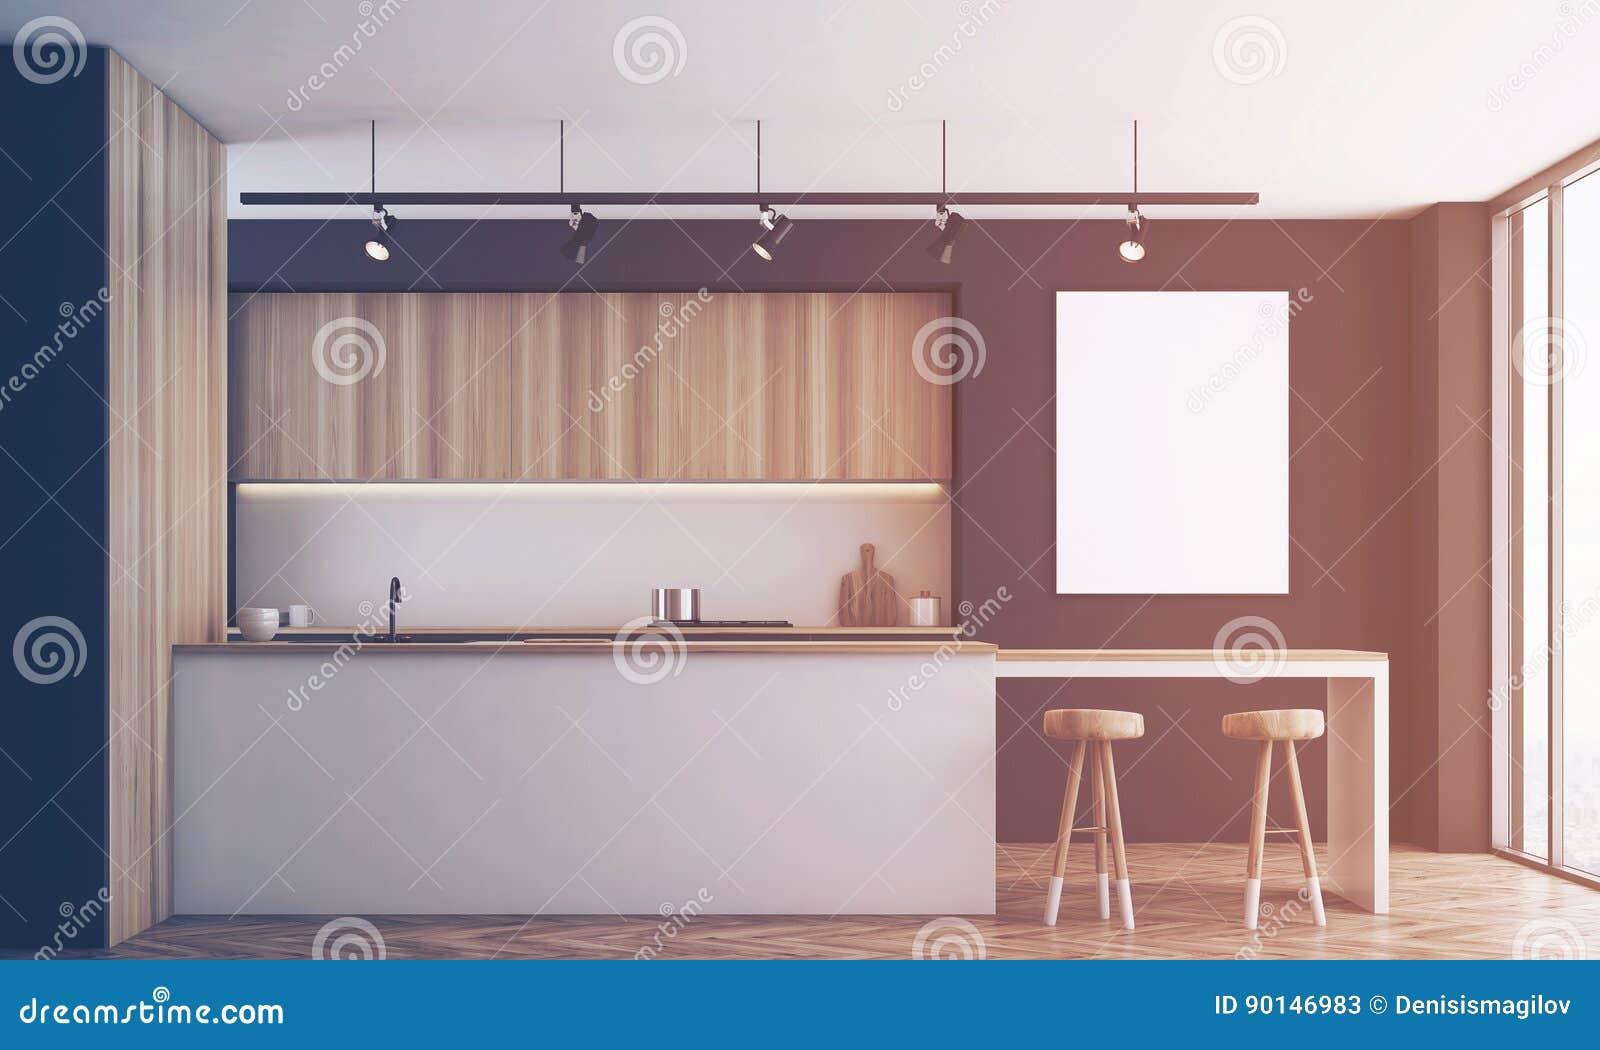 Keuken Bar Muur : Zwarte keuken met gestemde bar en affiche stock illustratie